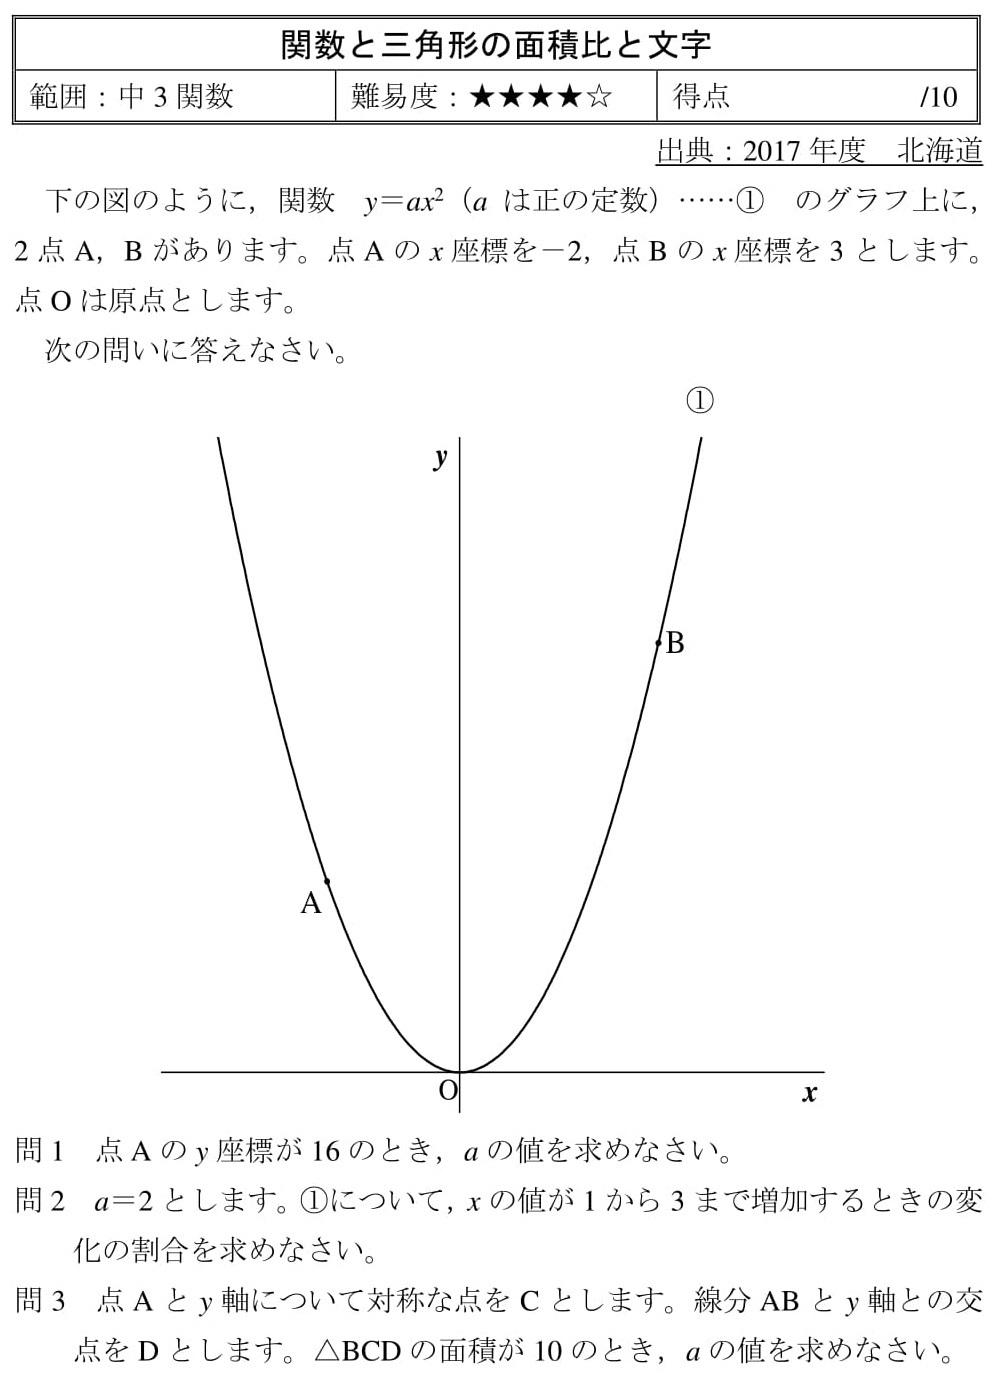 2017 北海道 高校入試 過去問 関数 数学 難問 解答 解説